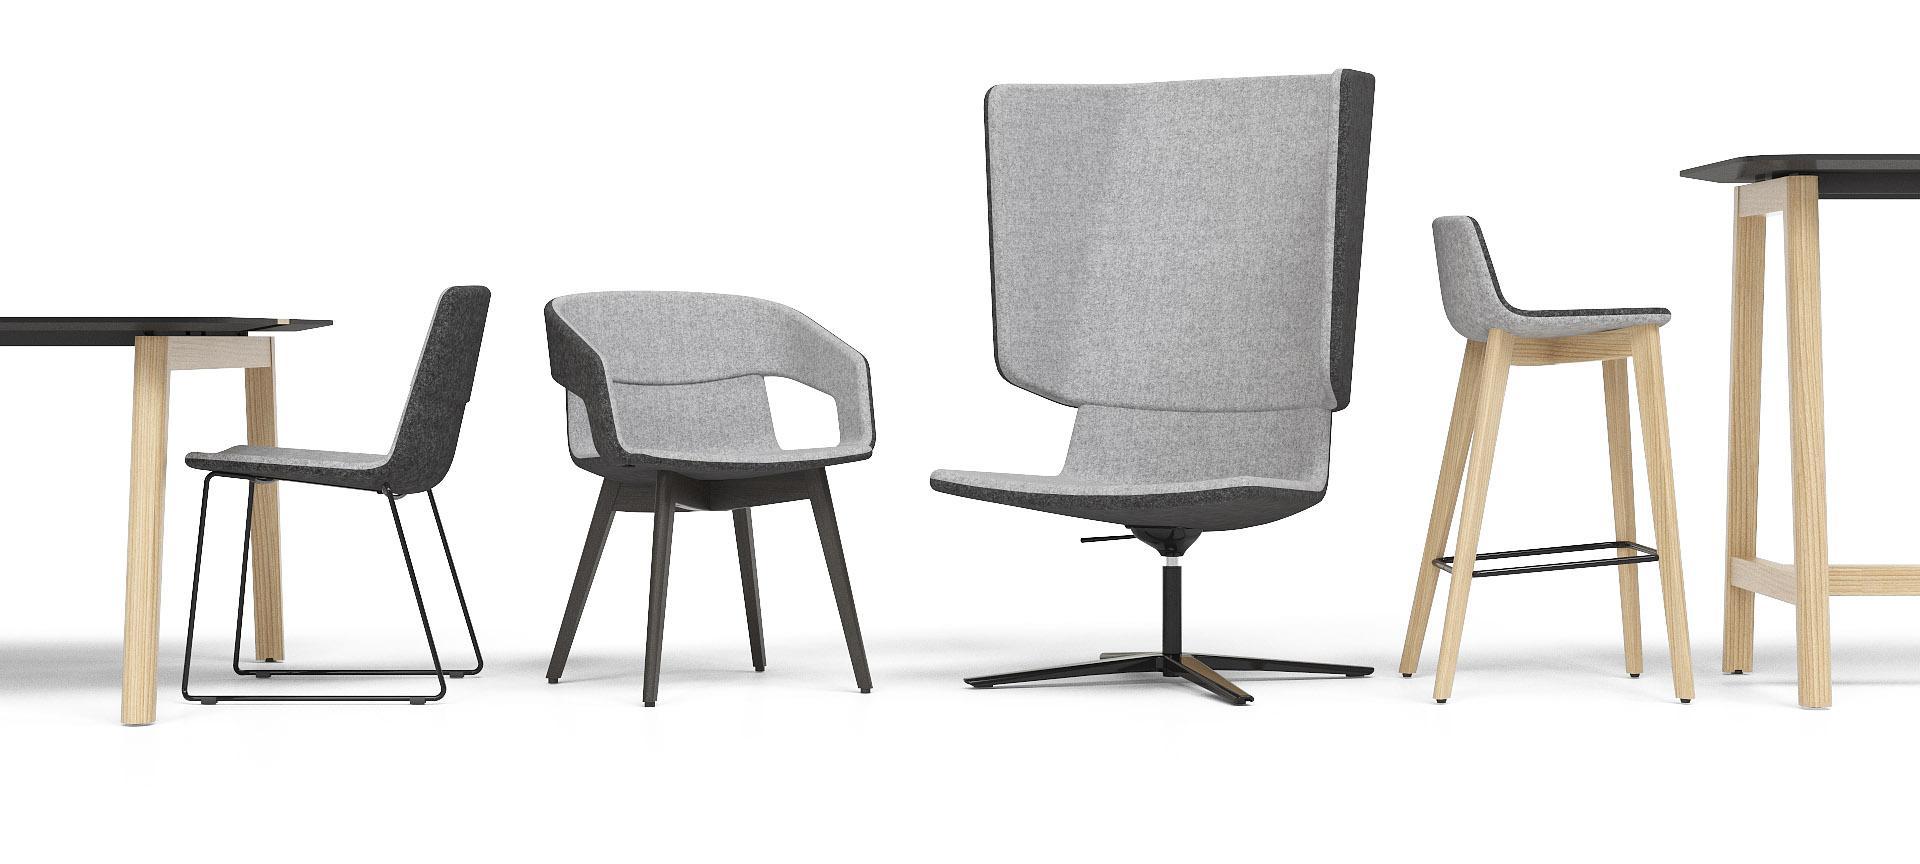 scaune design nordic